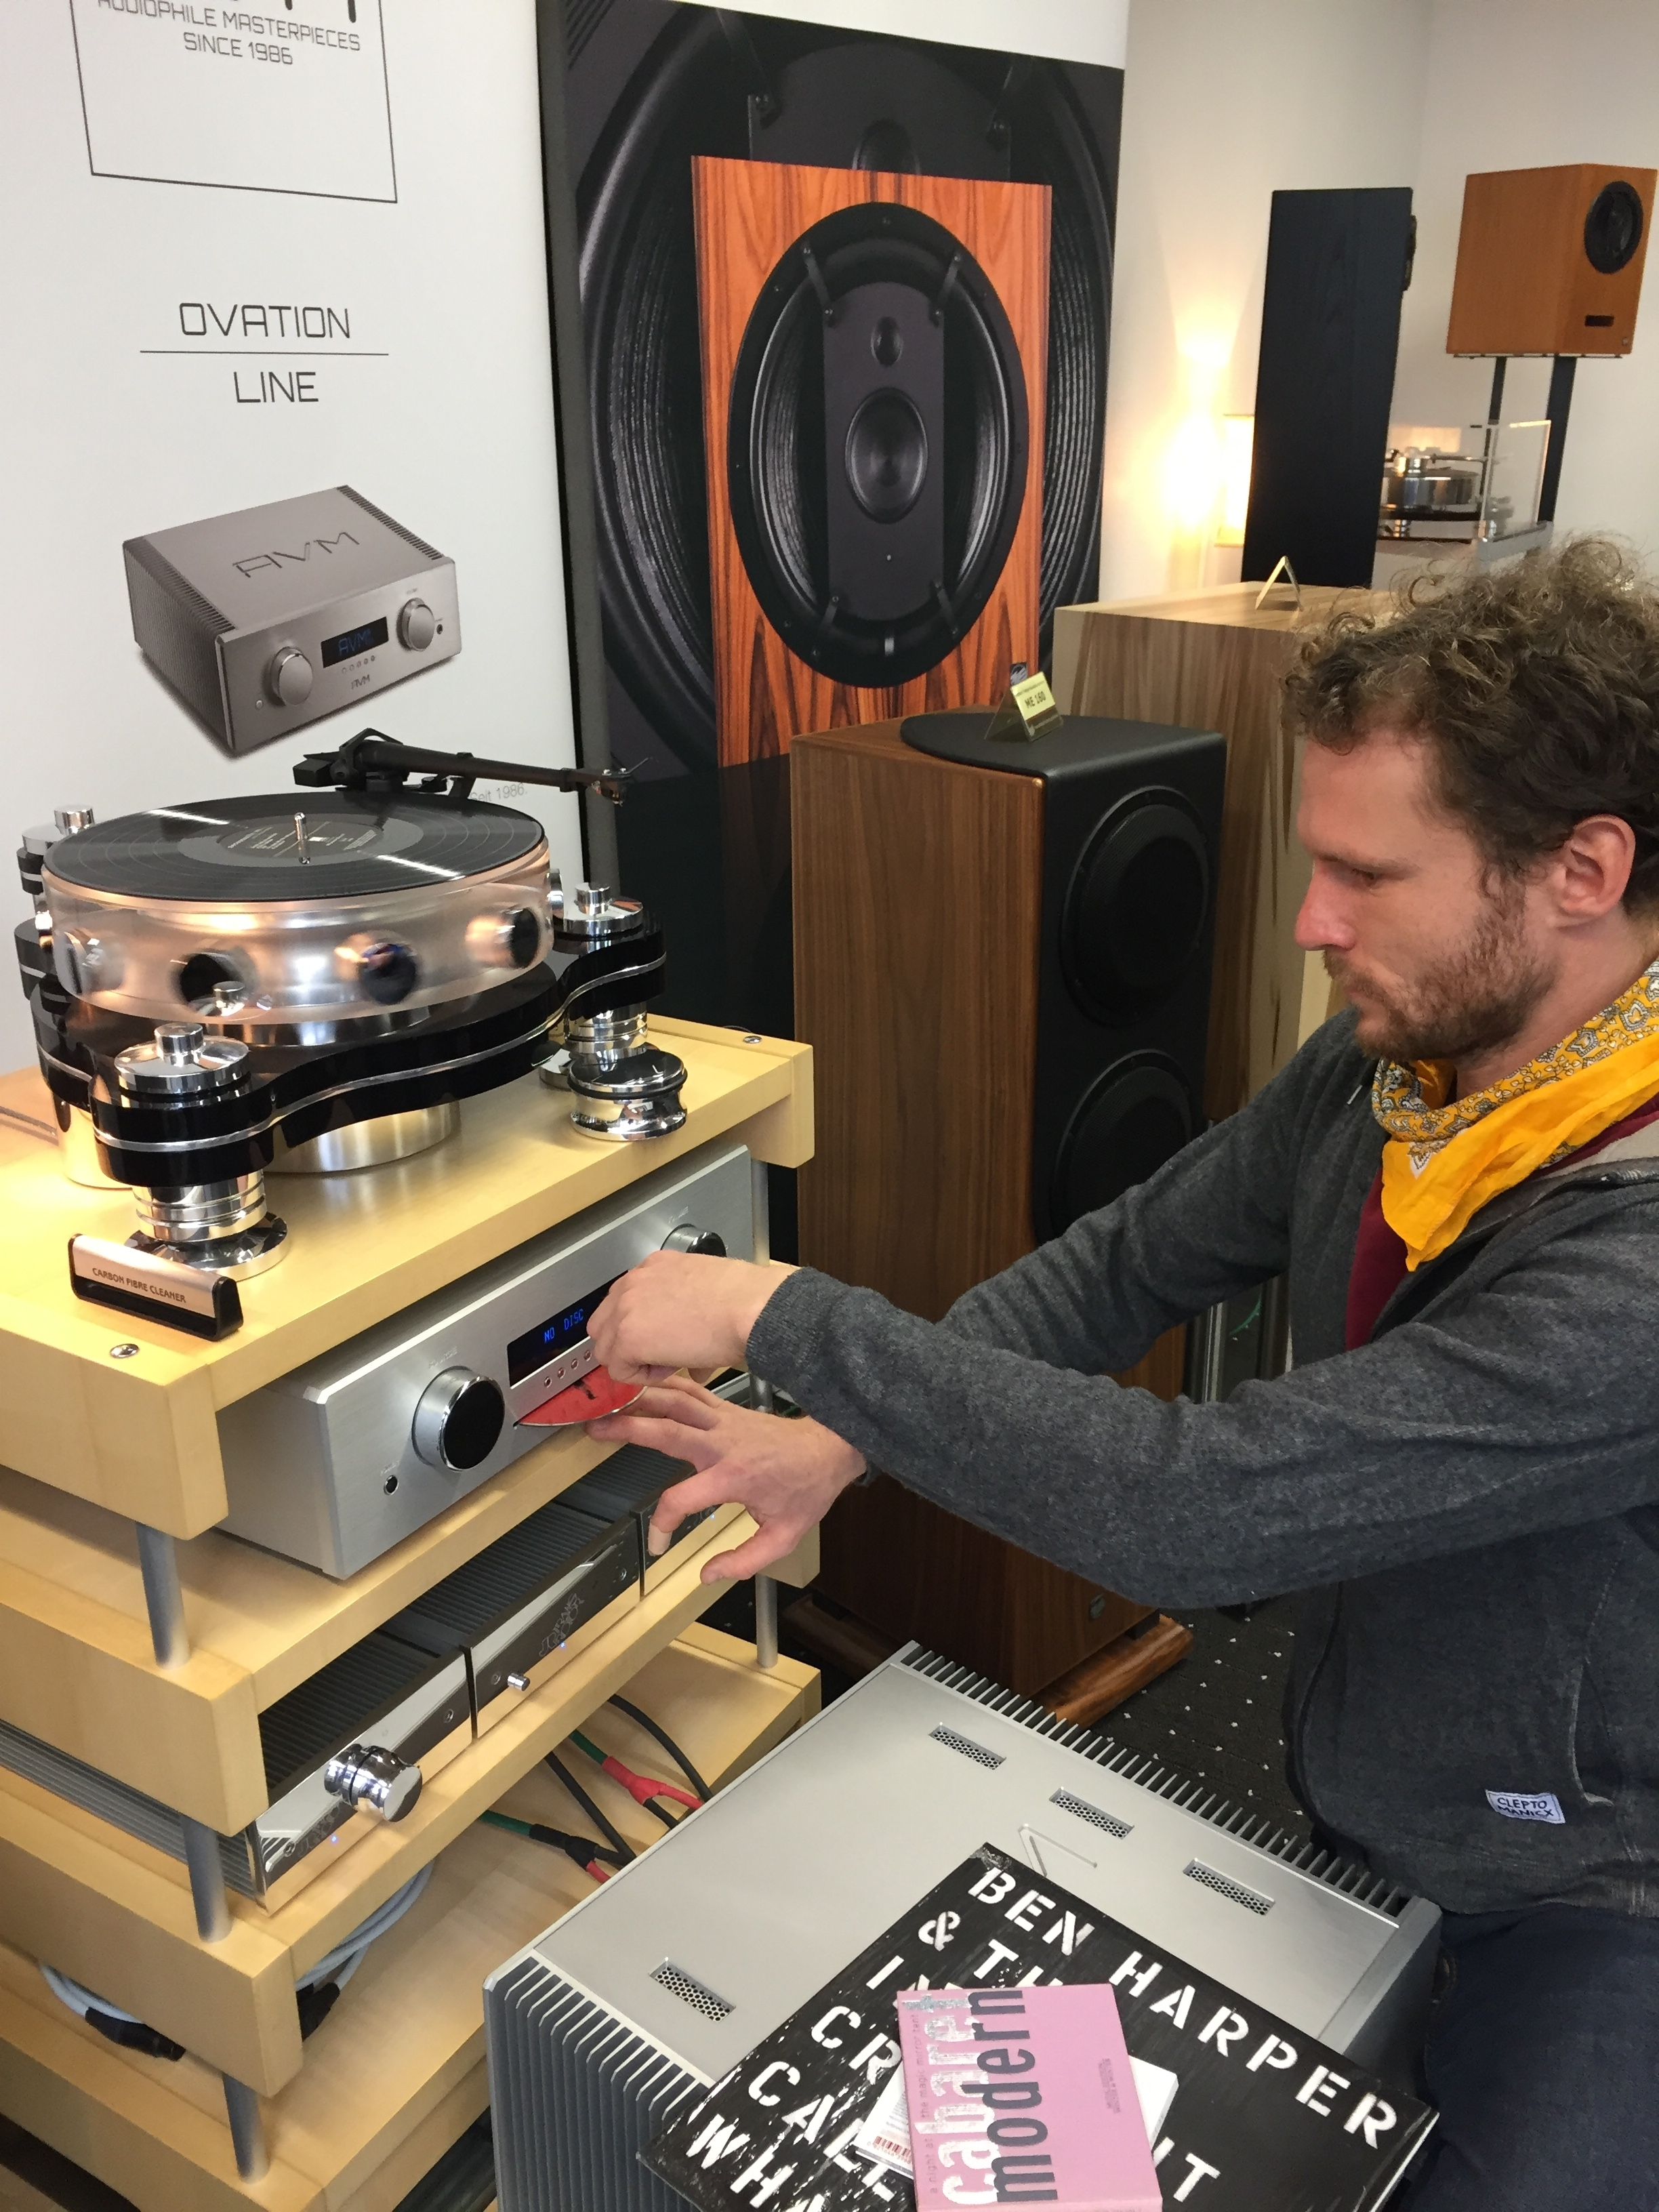 Ronny Wallberg vom Leipziger Fachhändler Timbre betreute den Raum von ME Geithain die gemeinsam mit AVM und Transrotor aufspielten. Die gespielten Orgelklänge wussten zu gefallen.